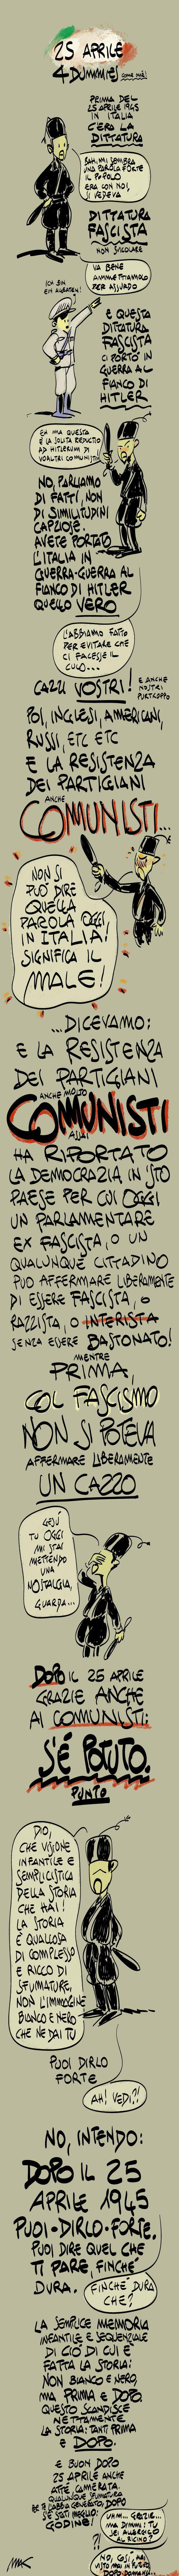 #25aprile4dummies.jpg